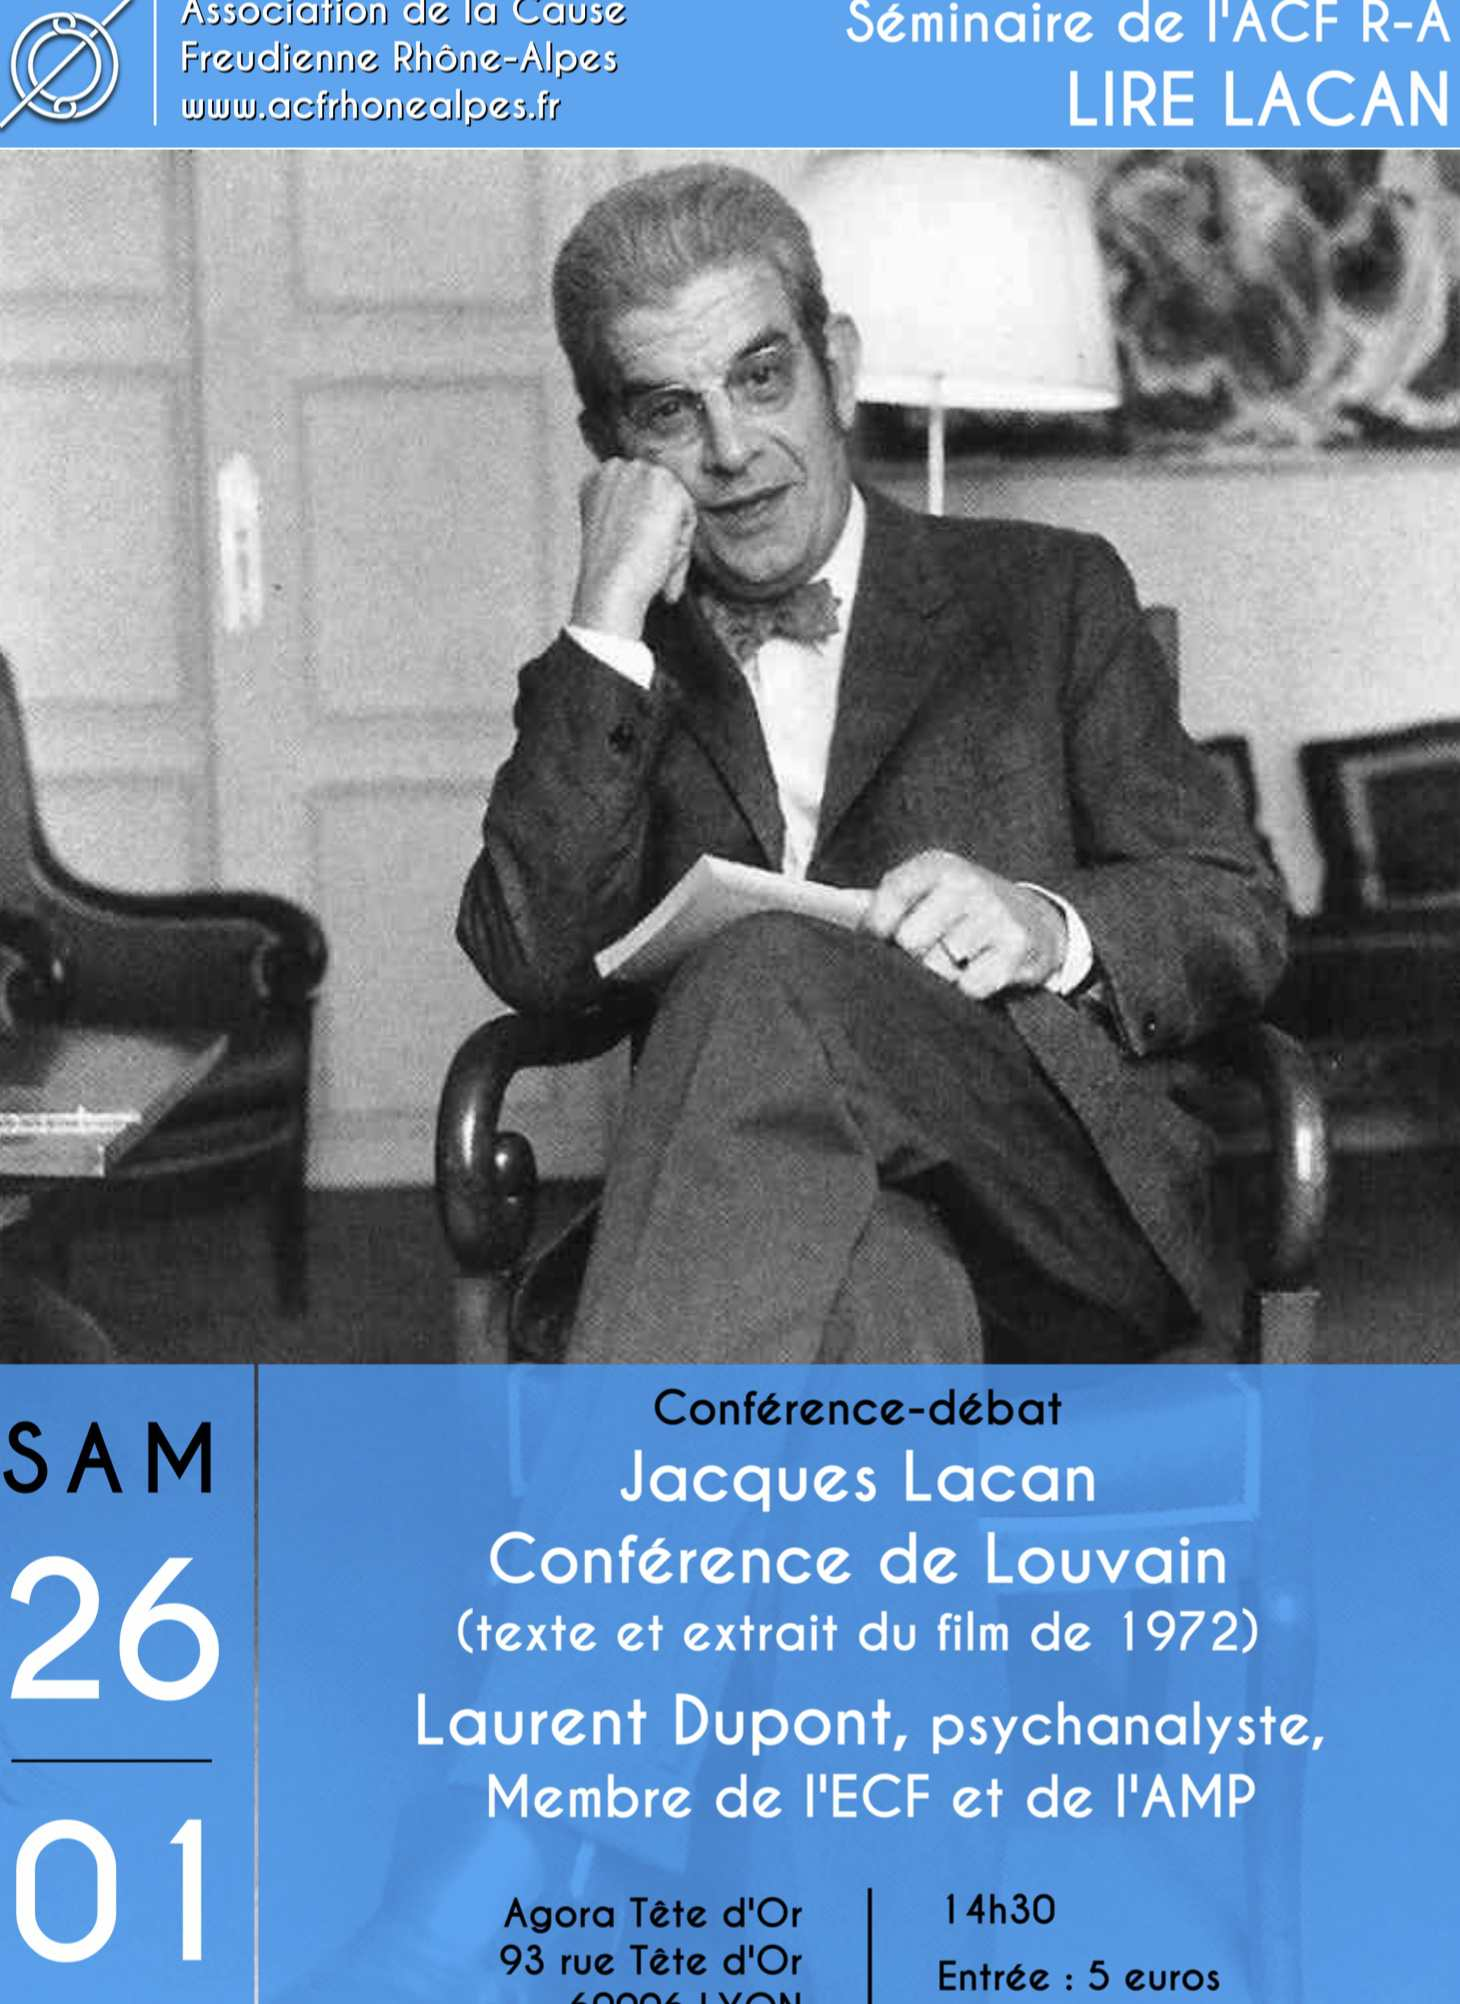 Conférence -débat Jacques Lacan